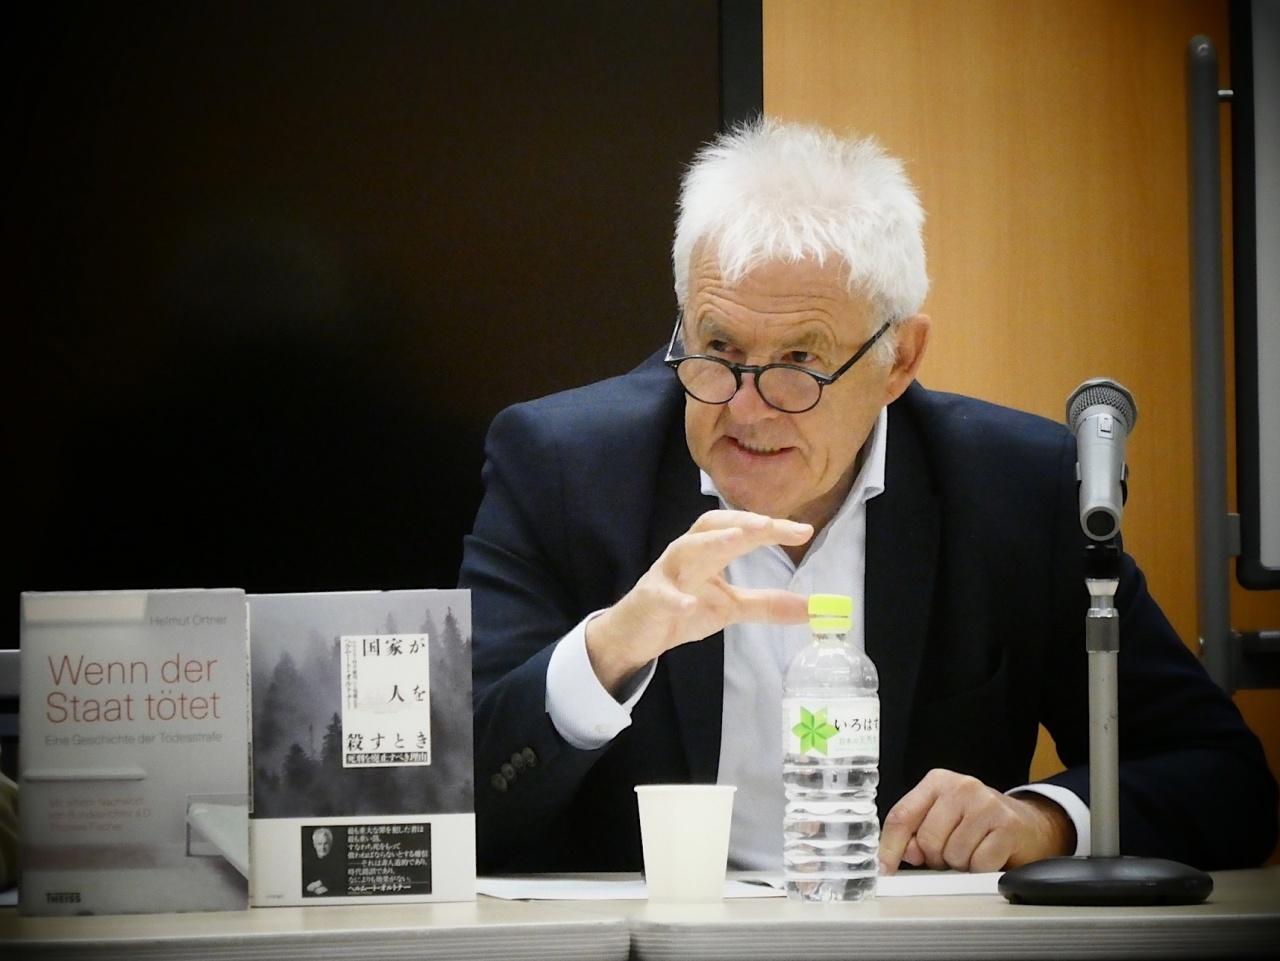 ヘルムート・オルトナー氏(ドイツ・ジャーナリスト)